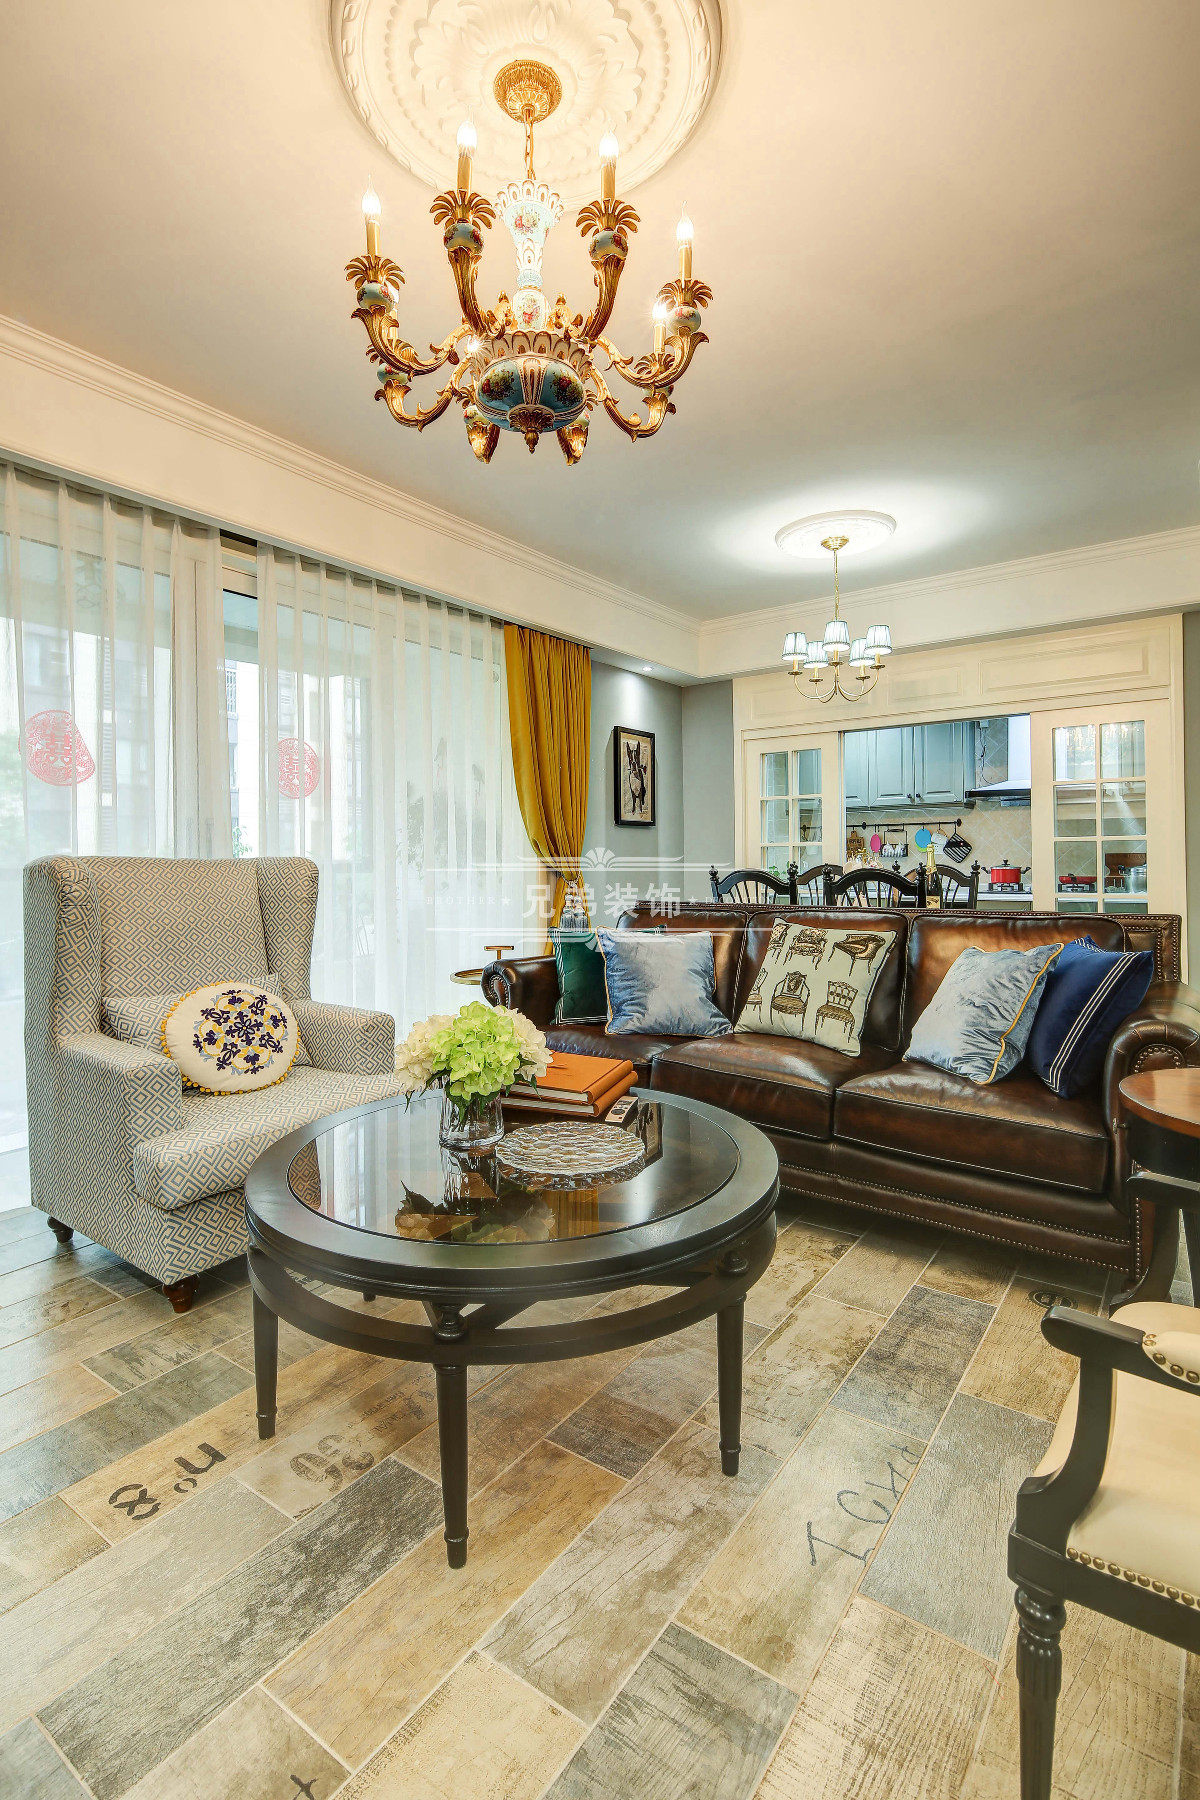 客厅随处可见囍字,吊顶简单不失格调。小两口坐在皮式沙发上,相依看电视,也是一种小滋味。